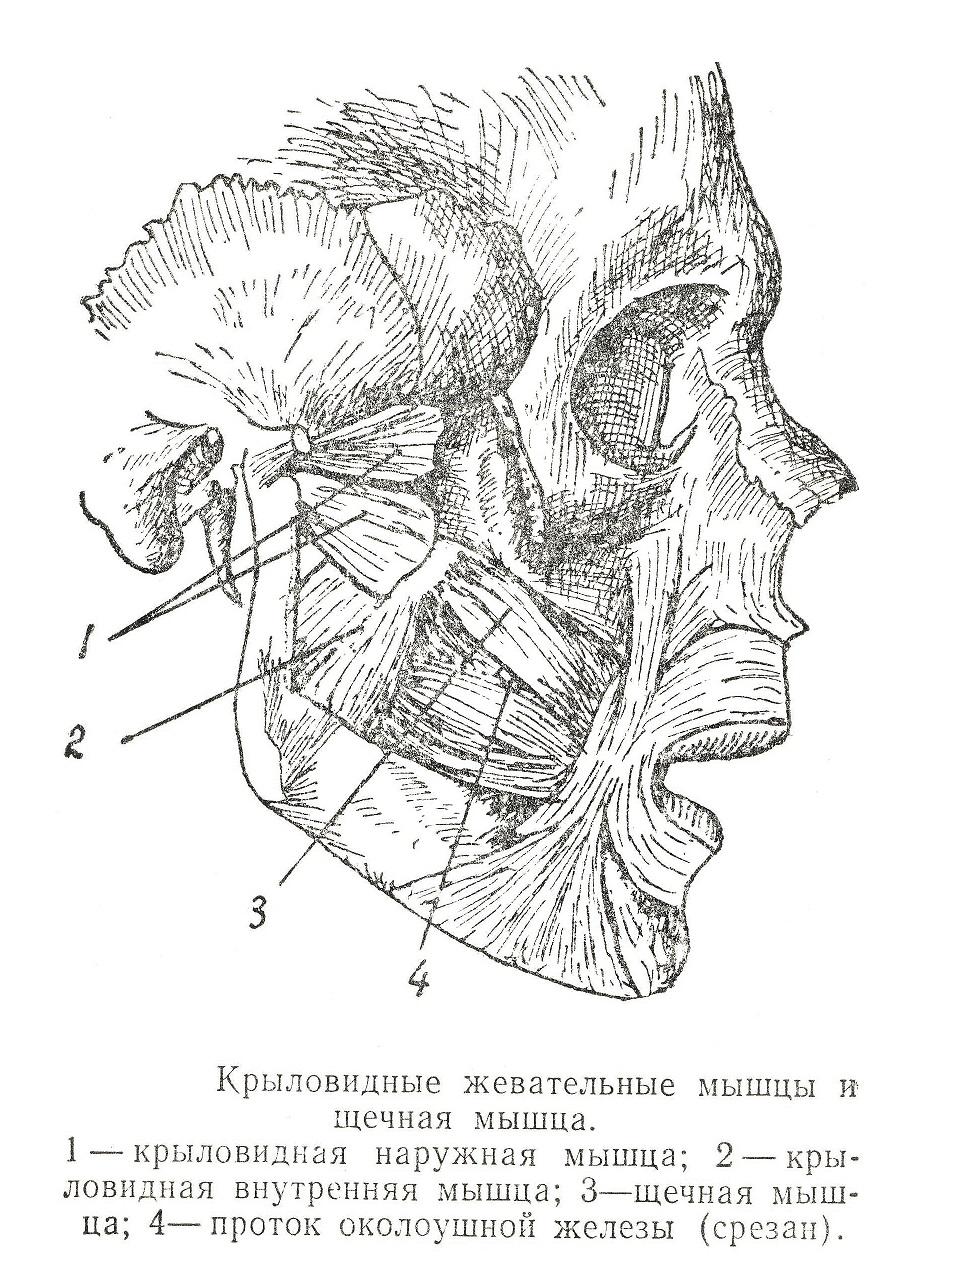 Крыловидные жевательные мышцы и щечная мышца